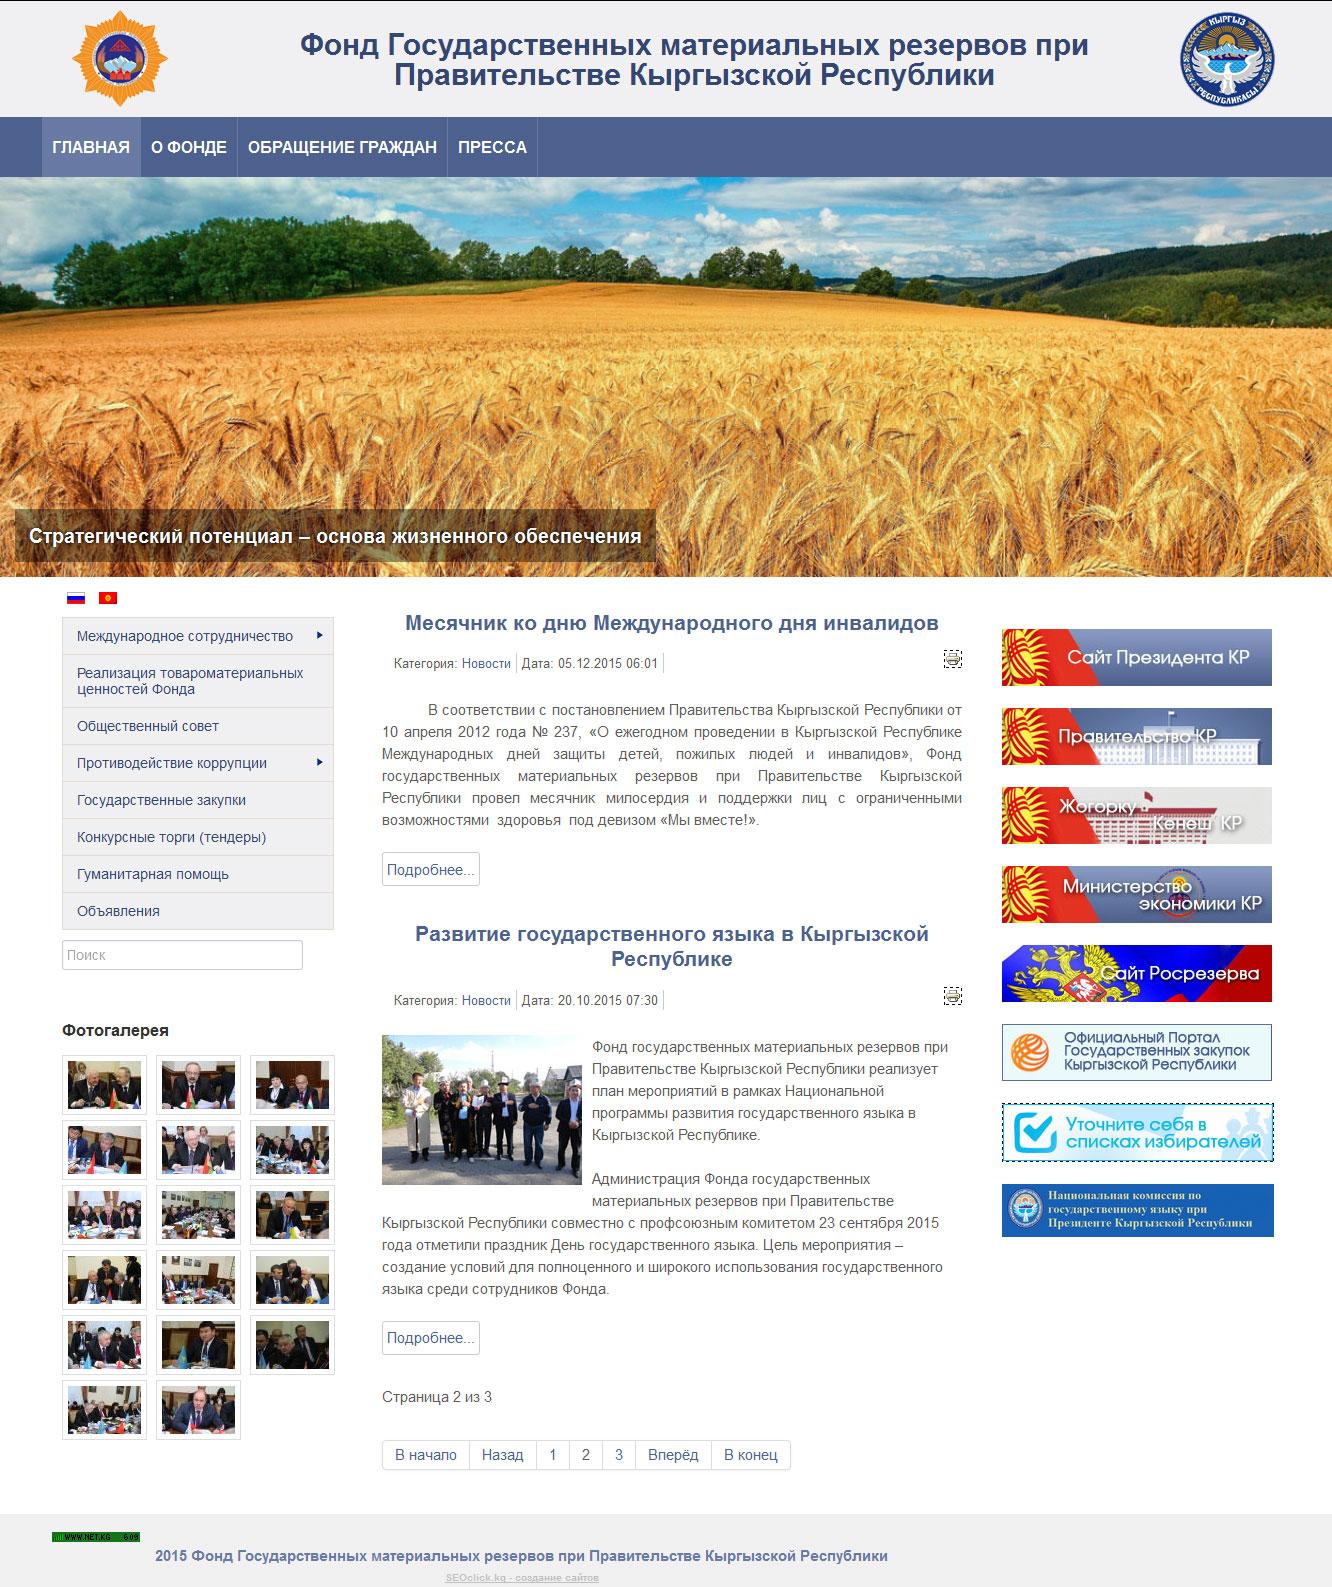 Создание сайта Фонда Государственных материальных резервов при Правительстве Кыргызской Республики